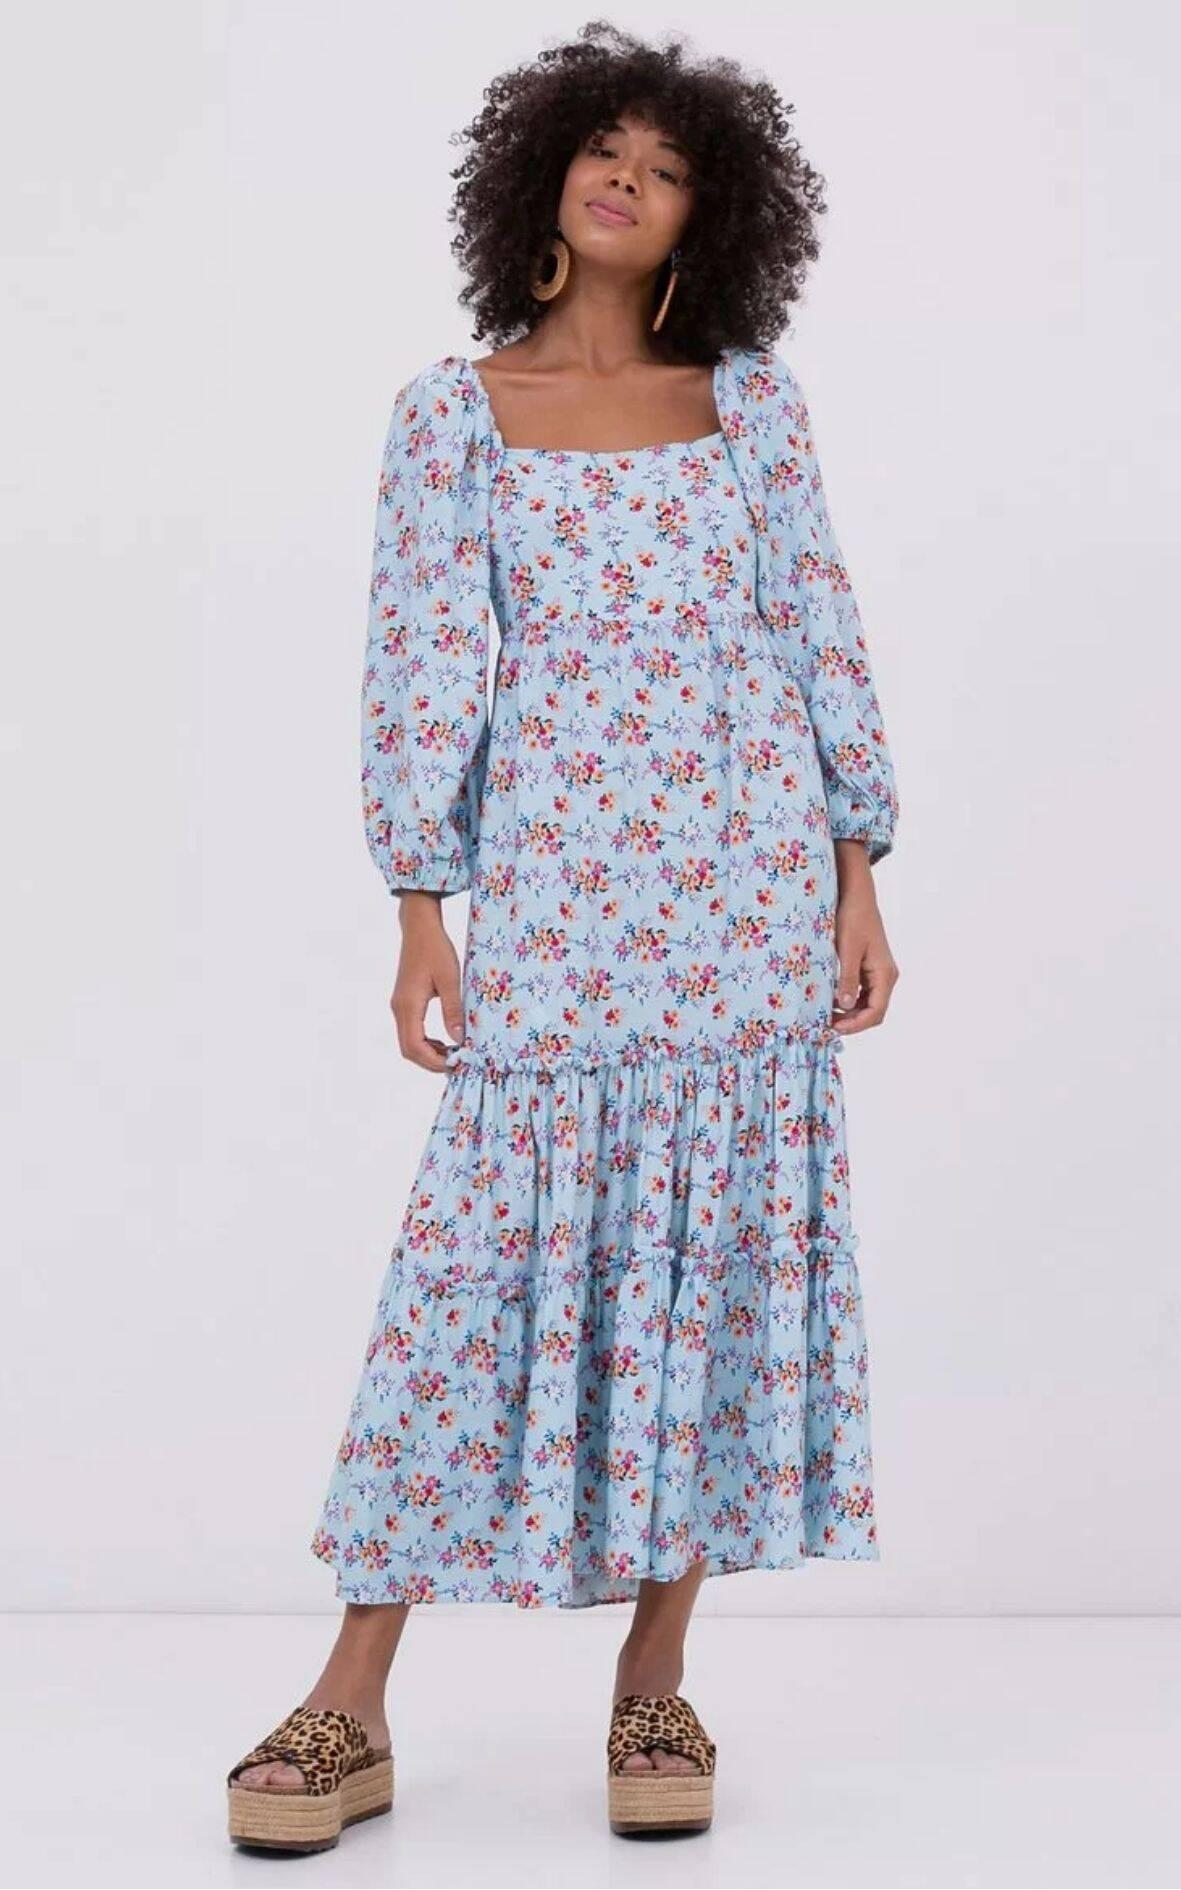 Vestido Estampado Com Mangas Bufantes | Renner | R$ 179,90. Foto: Divulgação